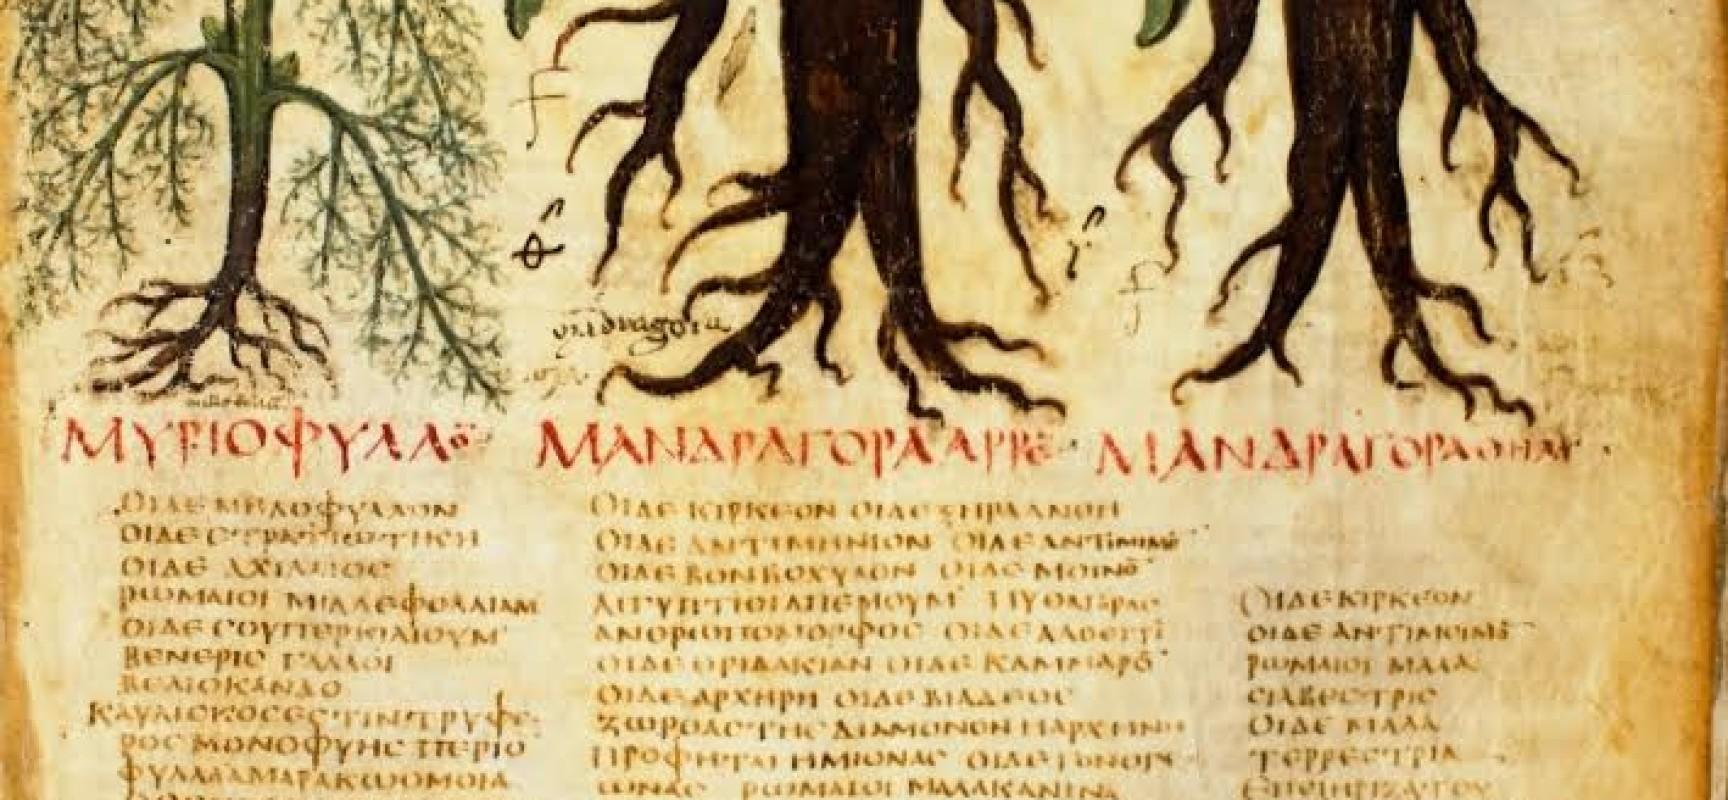 Biblioteca Nazionale, dalla Medicina Archeologica alla Medicina Illuminista, in mostra Ippocrate, Dioscoride, Galeno e Cirillo